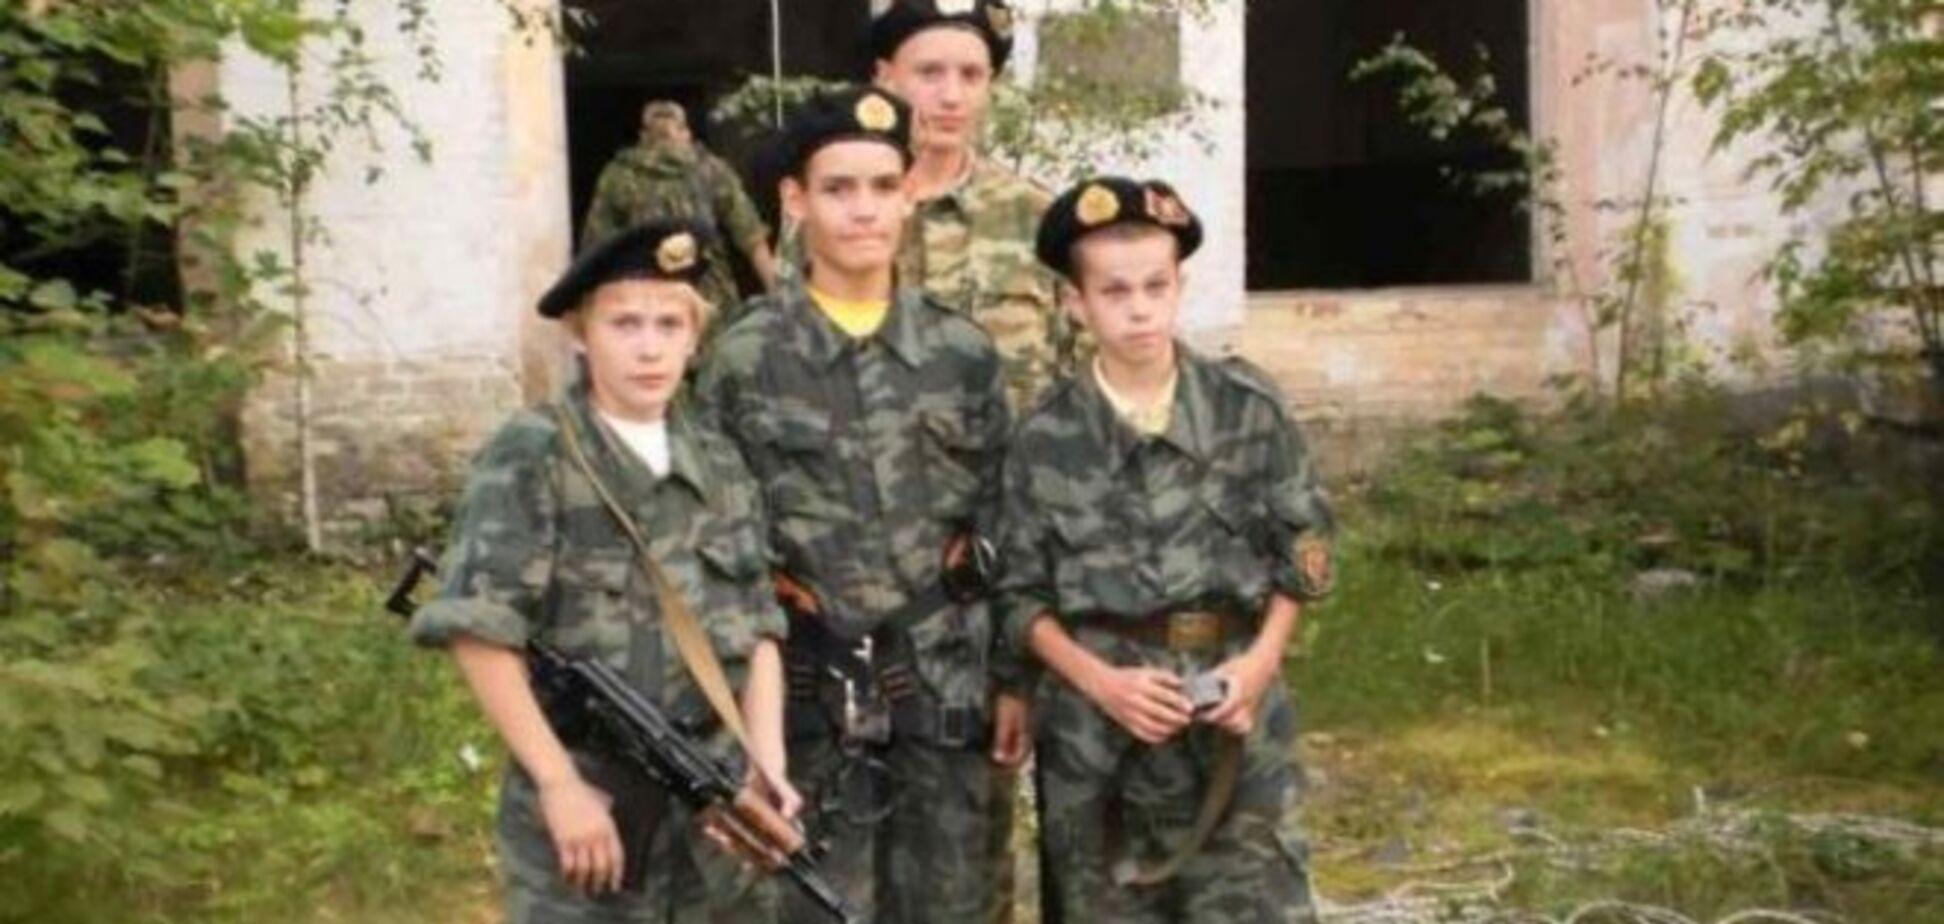 Росія готує дітей-диверсантів в колишніх радянських країнах - ЗМІ